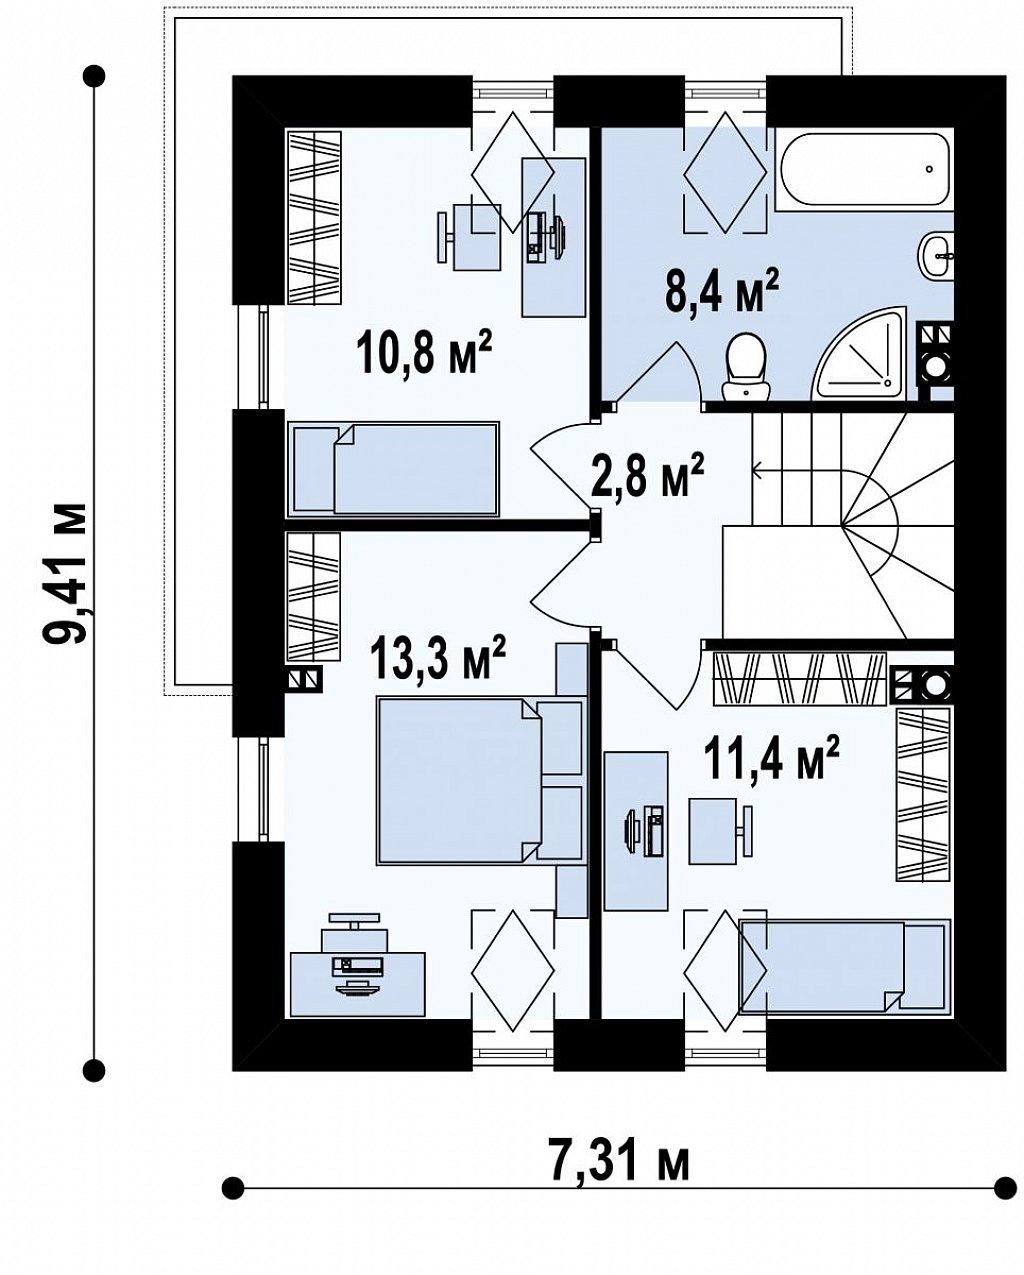 Дом простой энергосберегающей формы со светлым интерьером, подходящий для узкого участка. план помещений 2